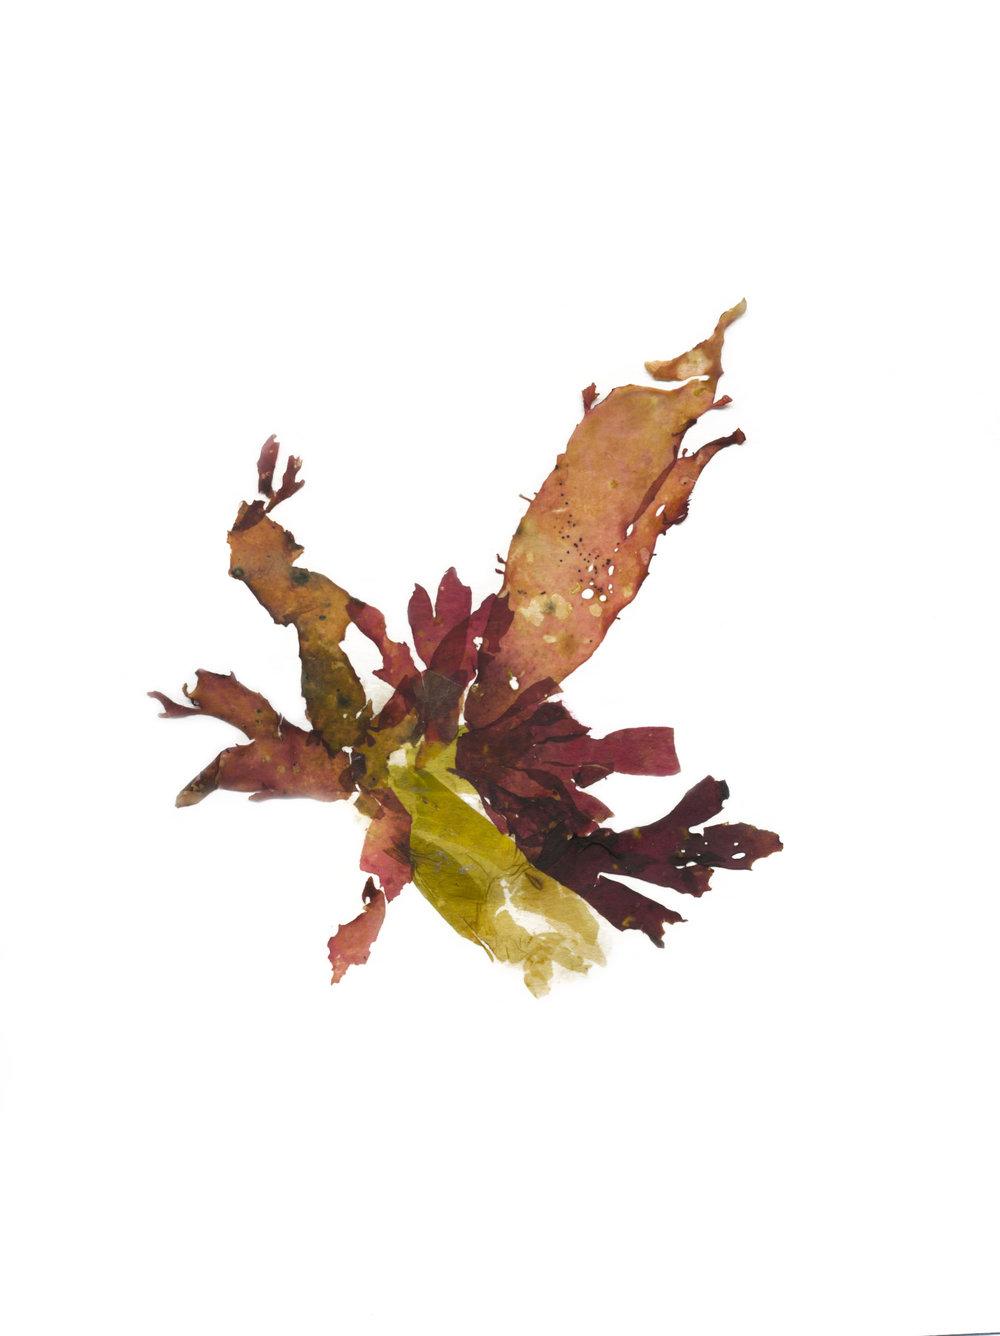 Seaweed010-Web.jpg